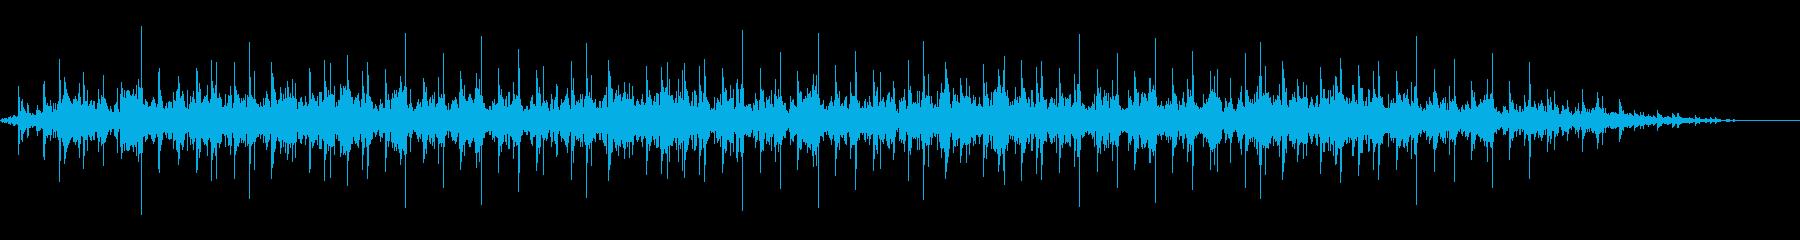 背景音 ホラー 4の再生済みの波形